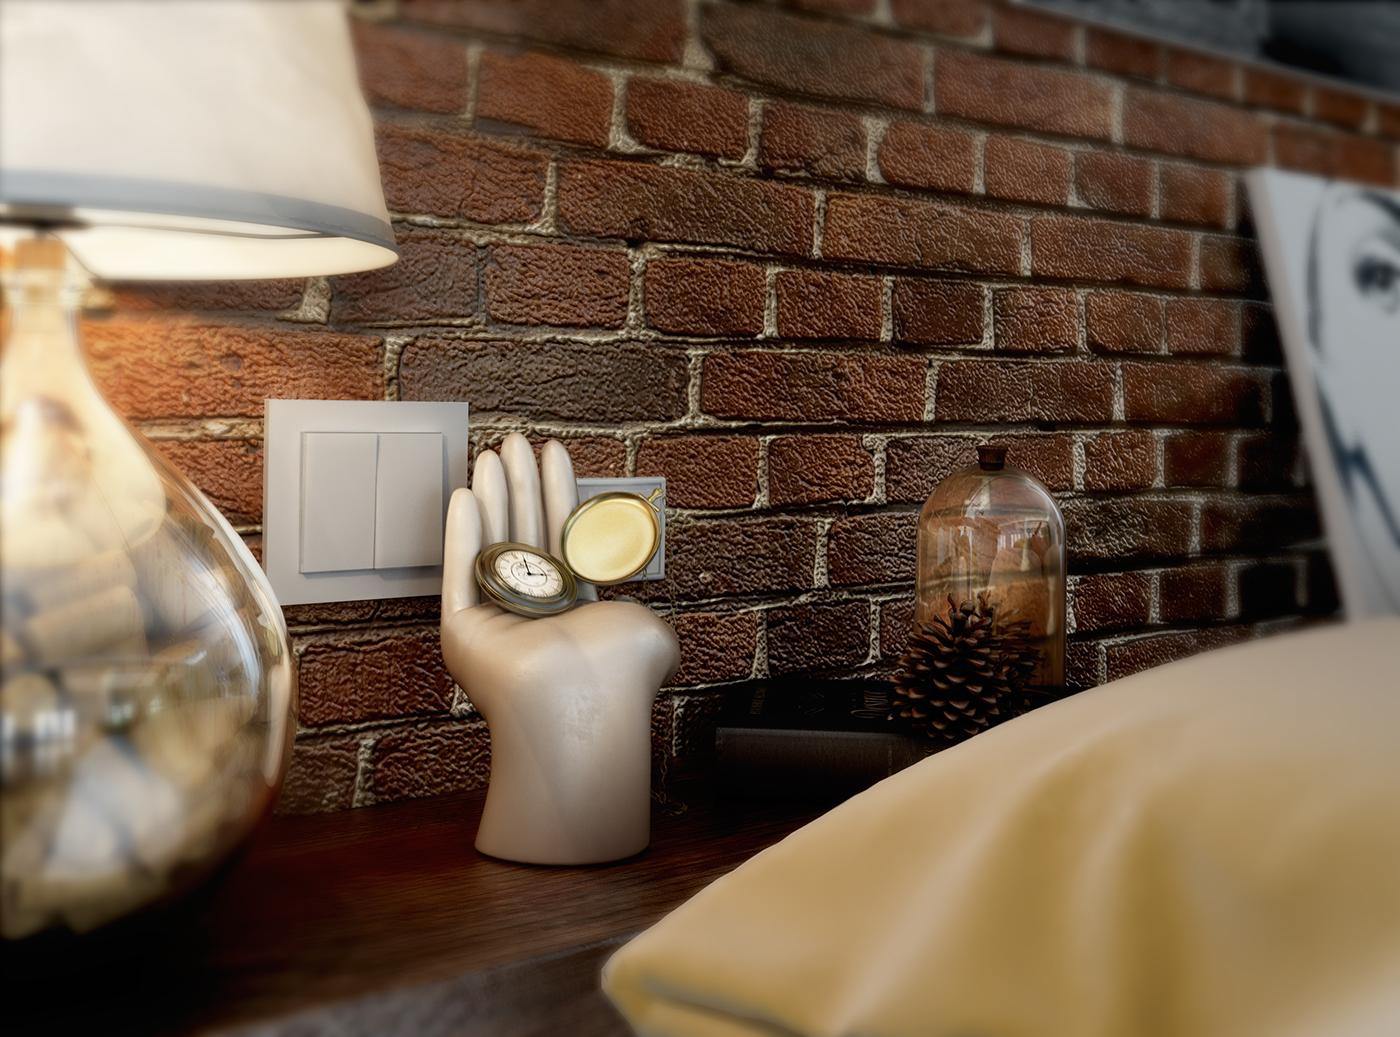 LOFT industial industriale bed camera da letto Interior design progettazione 3dsmax vray Render rendering photoshop postproduzione render fotorealistico